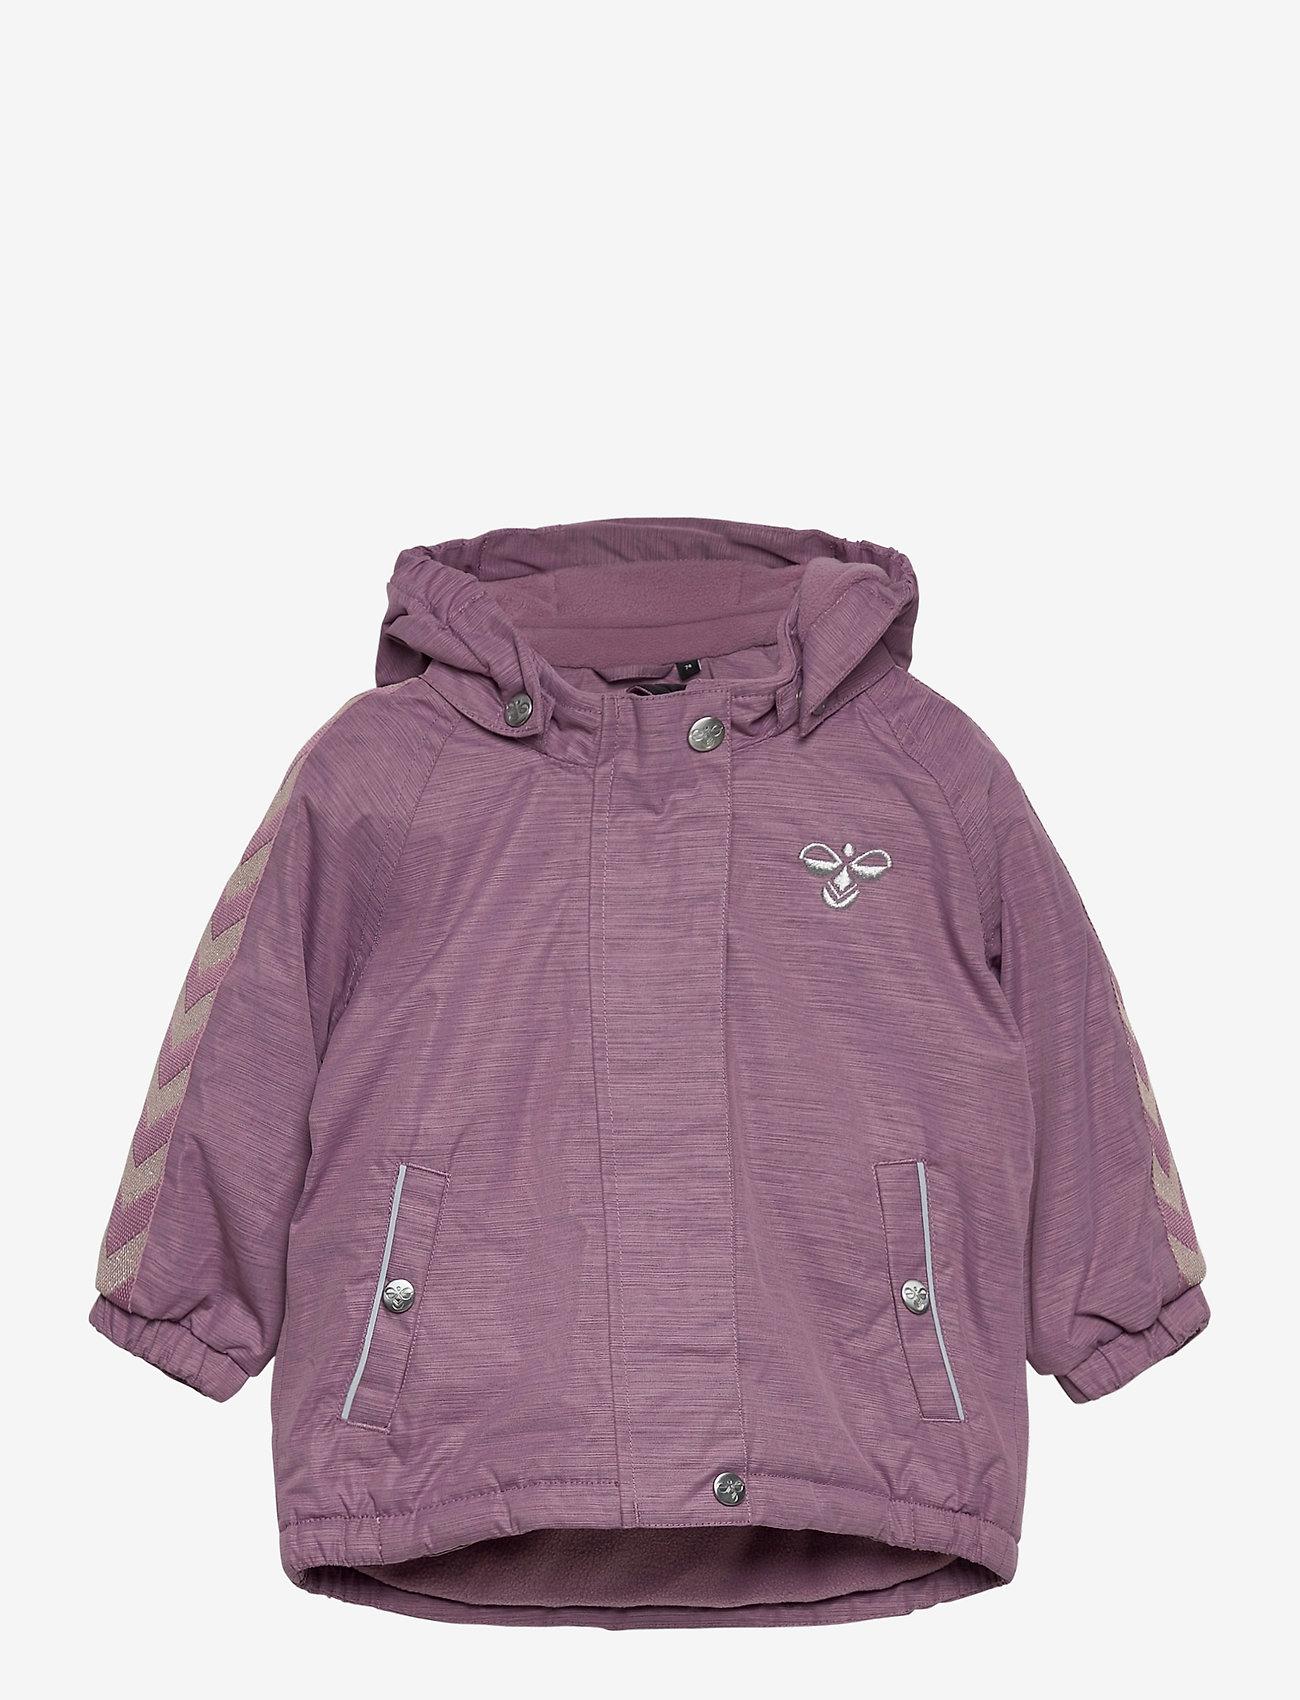 Hummel - hmlPOLAR JACKET - ski jackets - dusky orchid - 0